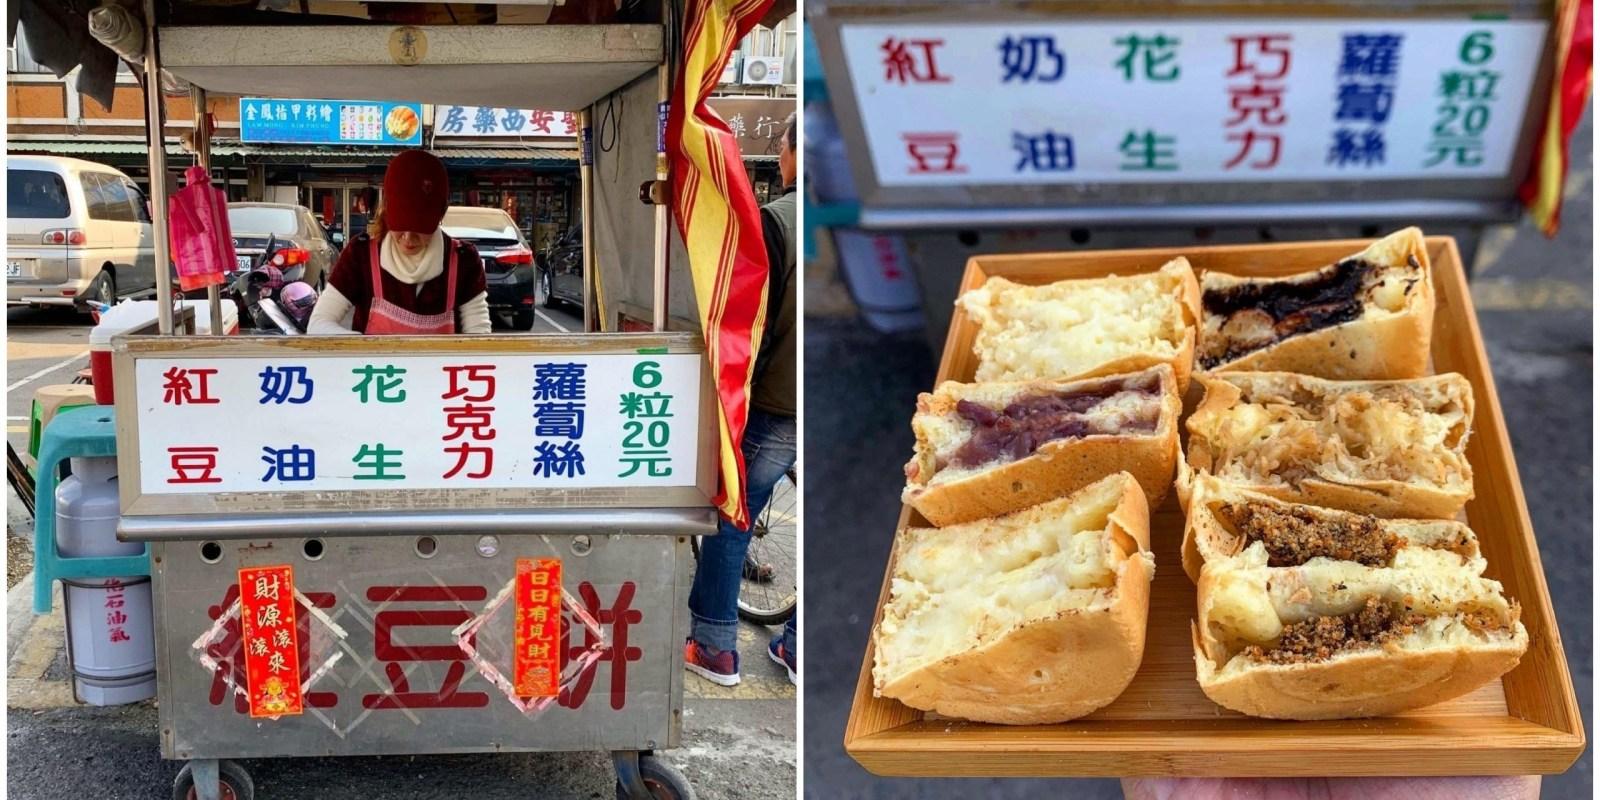 [台南美食] 三元無名紅豆餅 - 這家的紅豆餅居然只要3元還有五種口味!